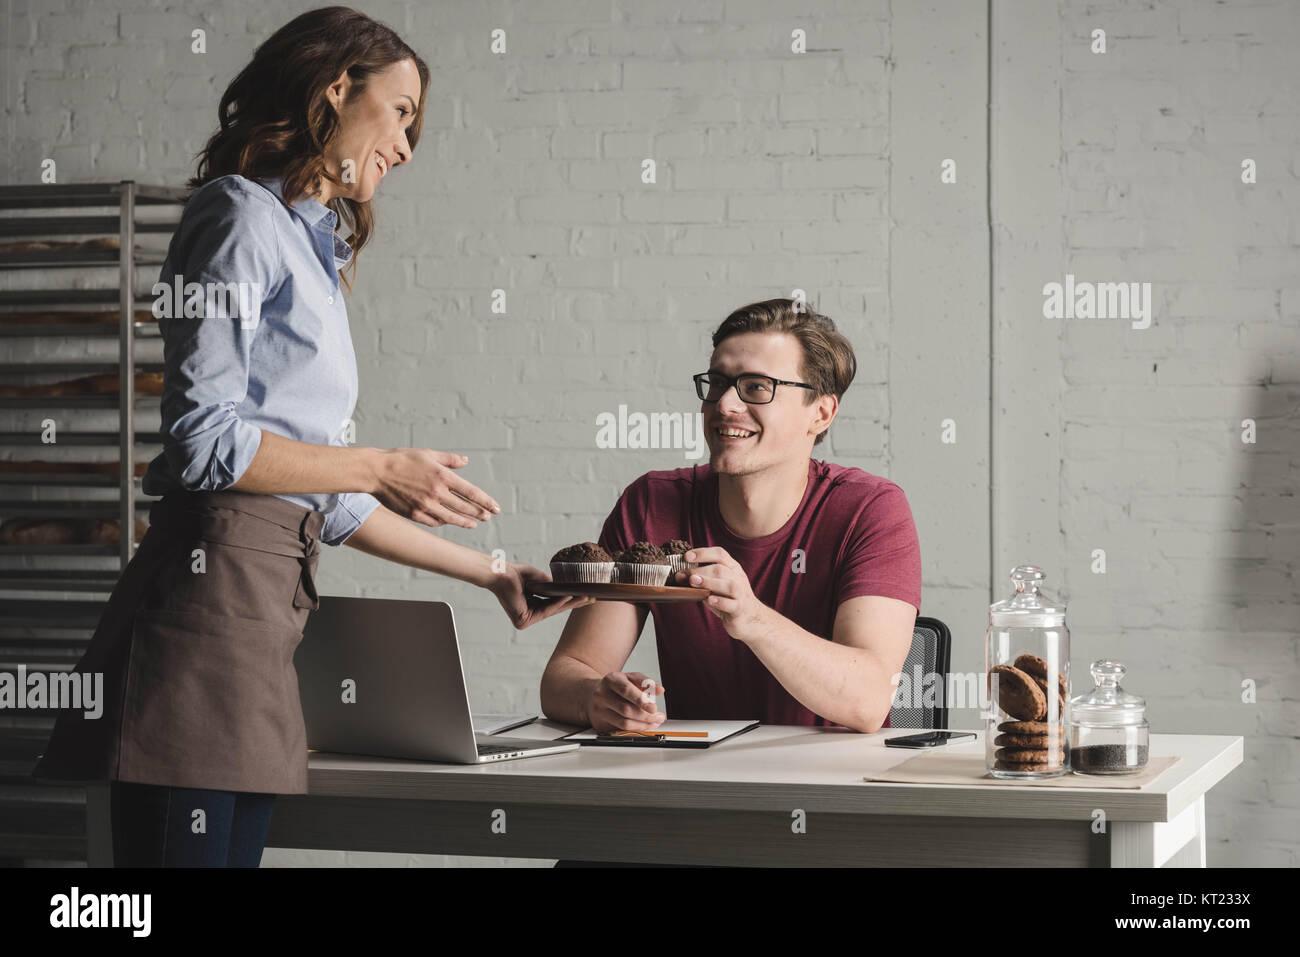 Examinando los panaderos pastelería Imagen De Stock